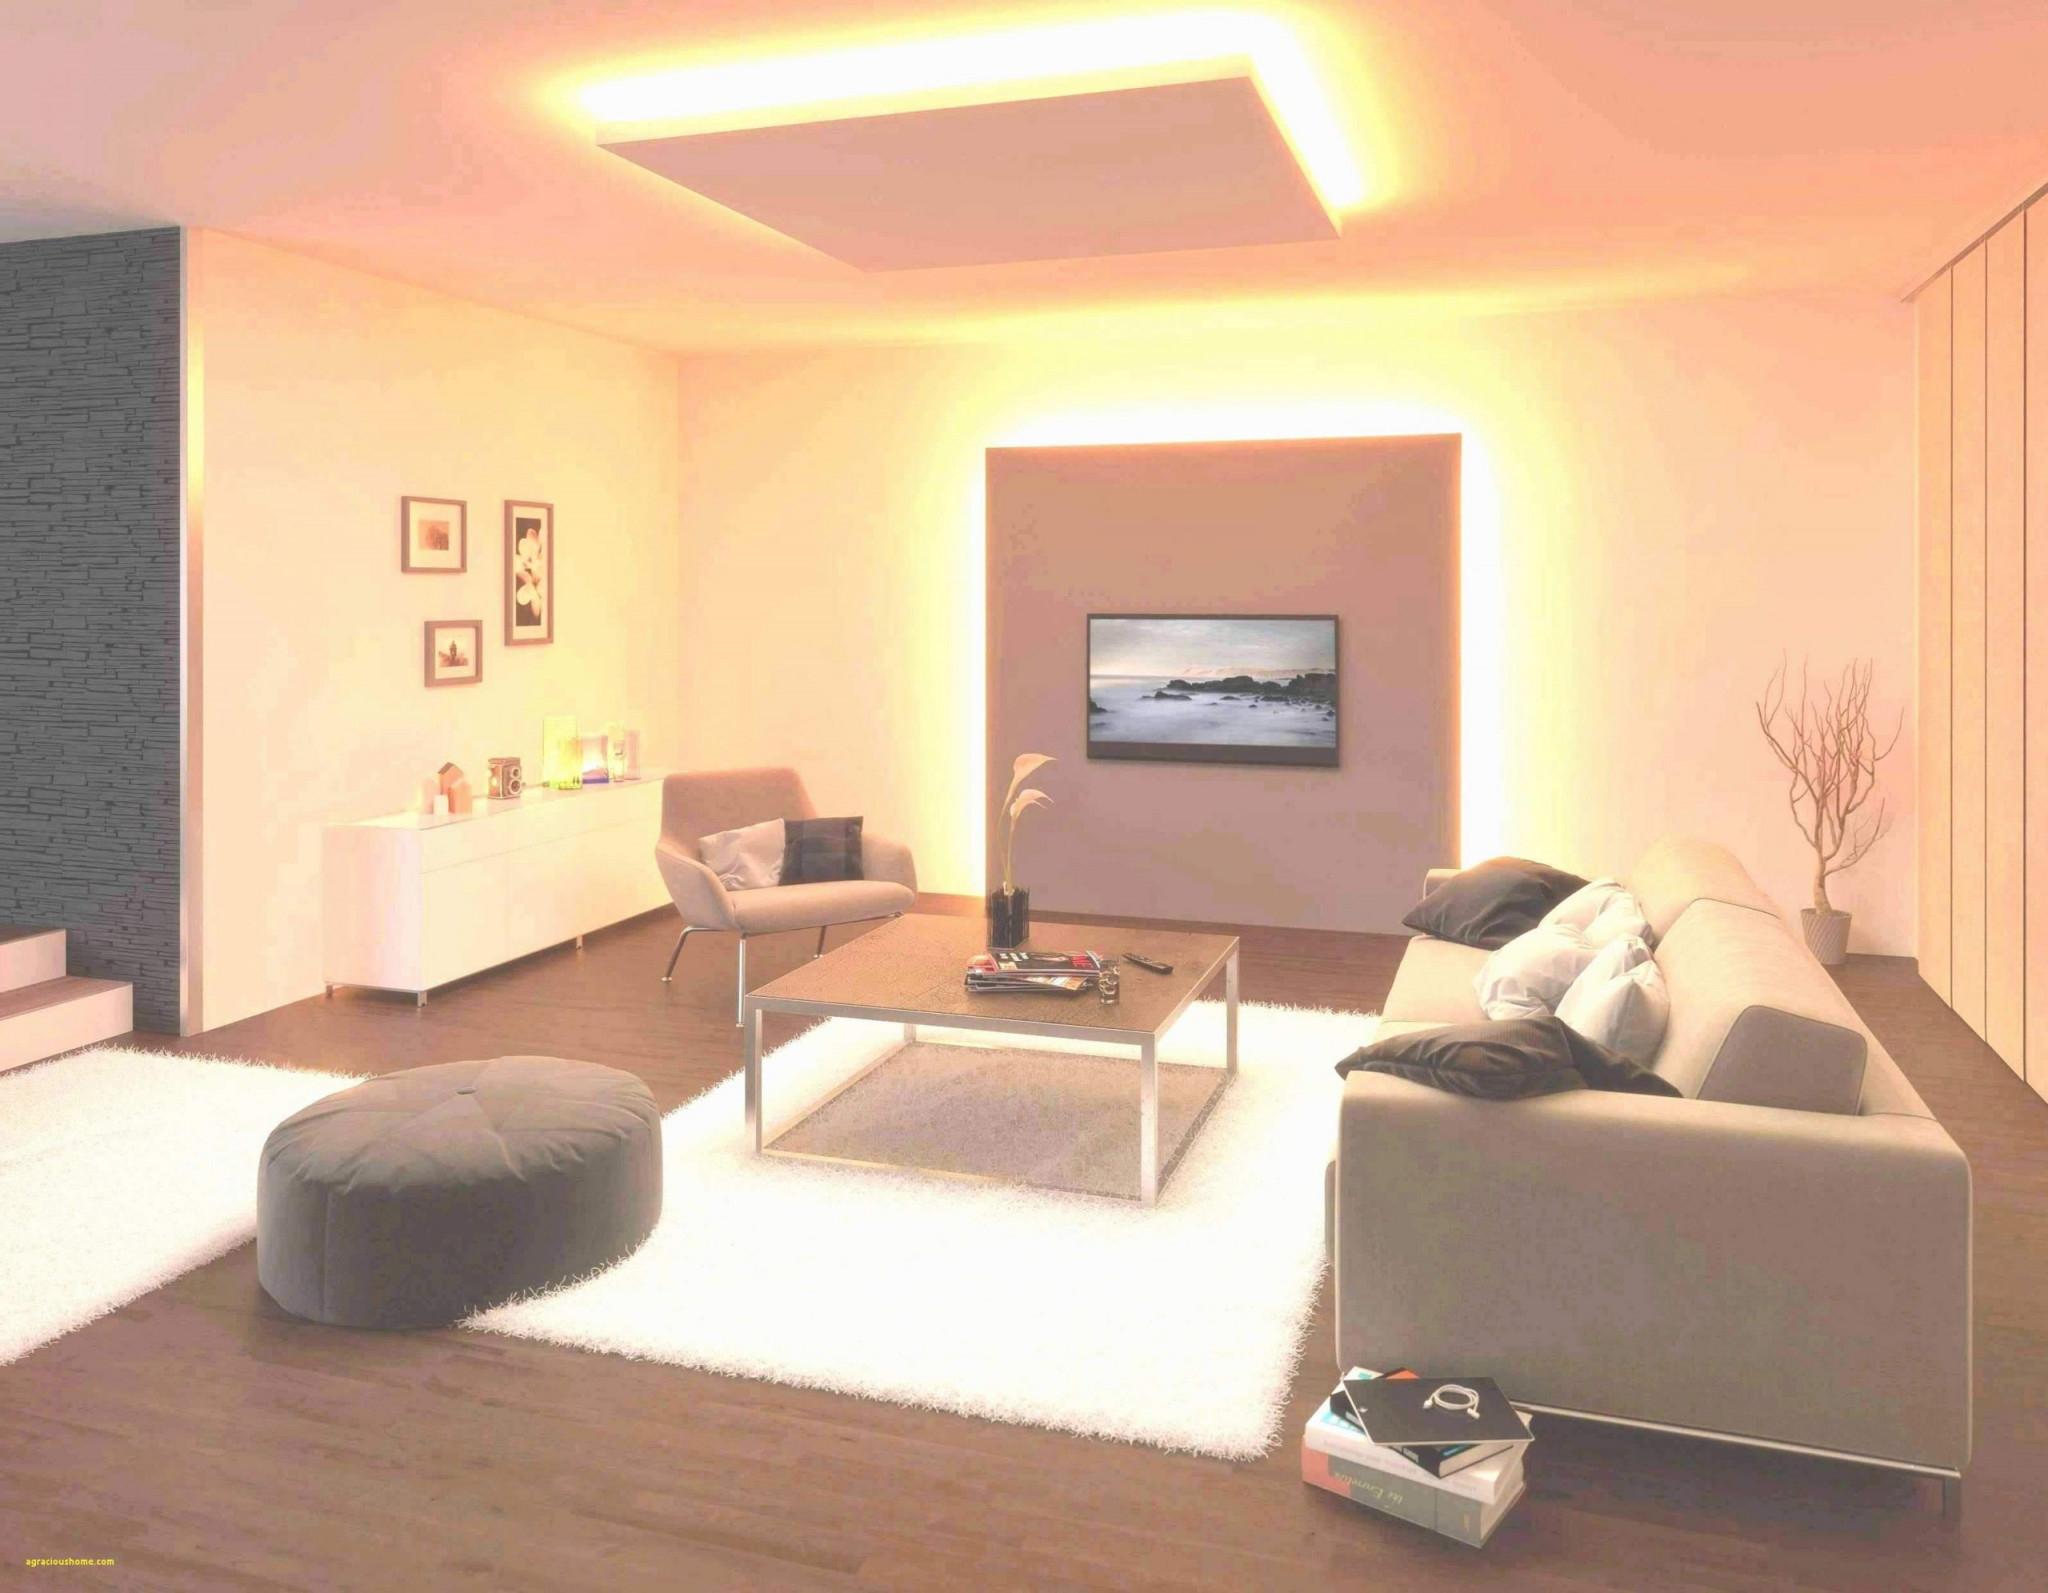 Deckenleuchte Wohnzimmer Led Dimmbar von Wohnzimmer Deckenleuchte Led Dimmbar Photo